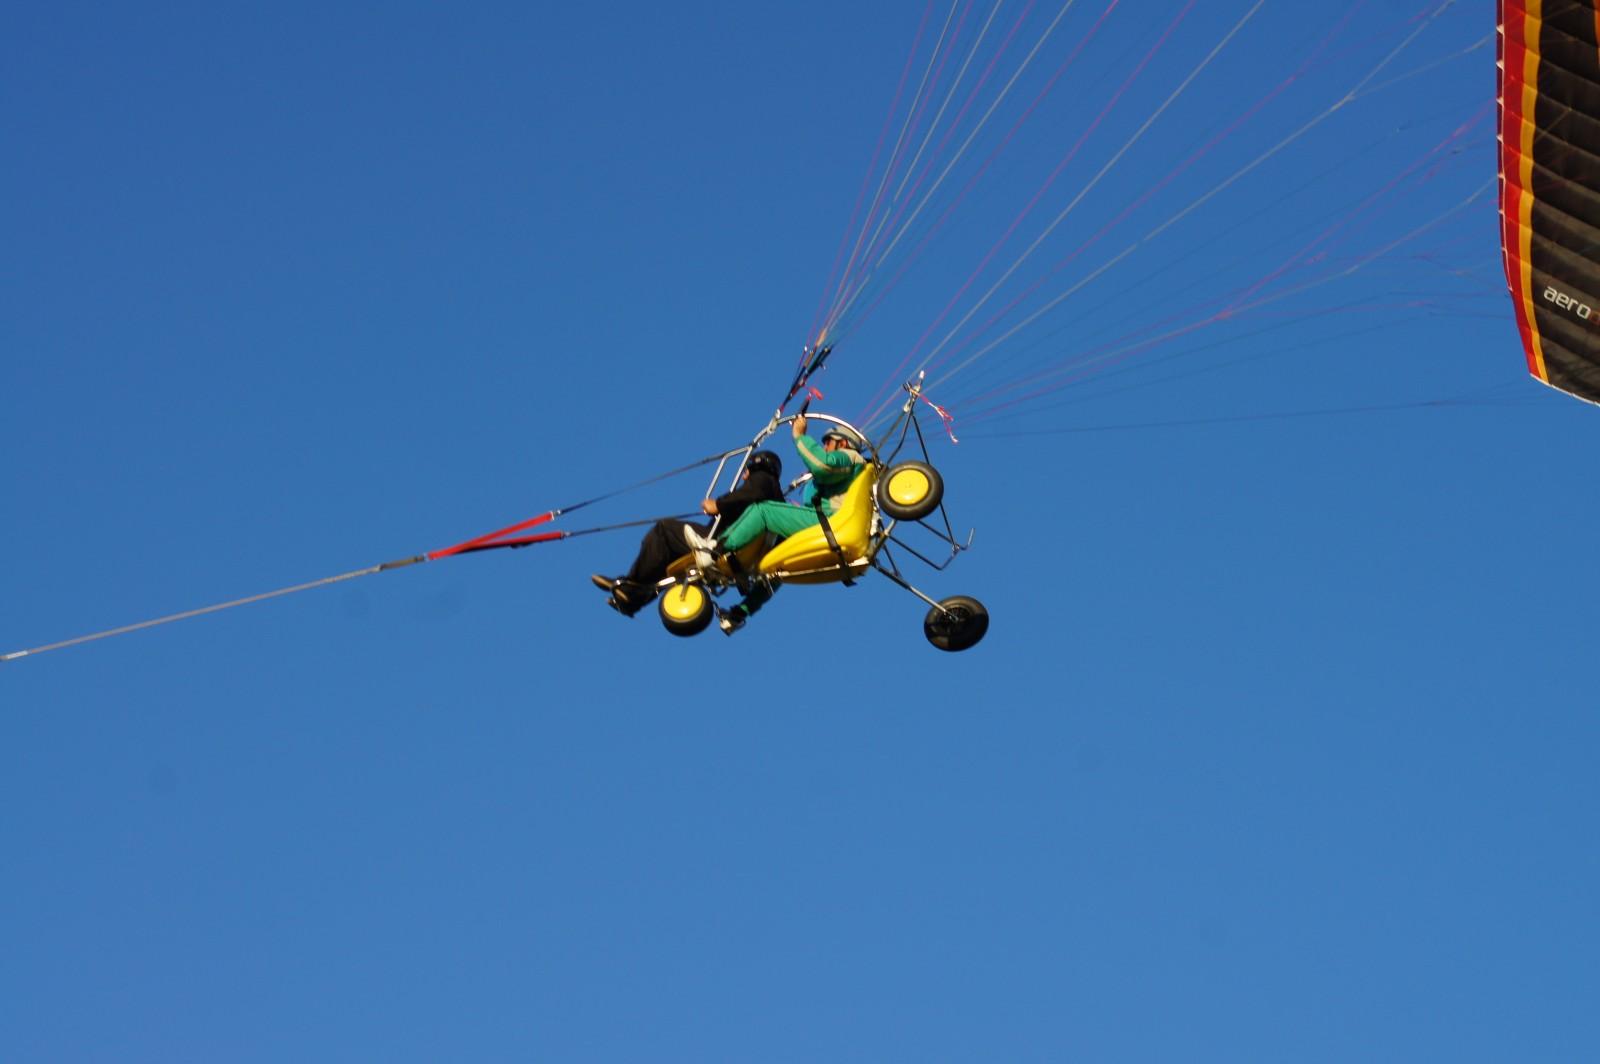 saut en parachute handisport